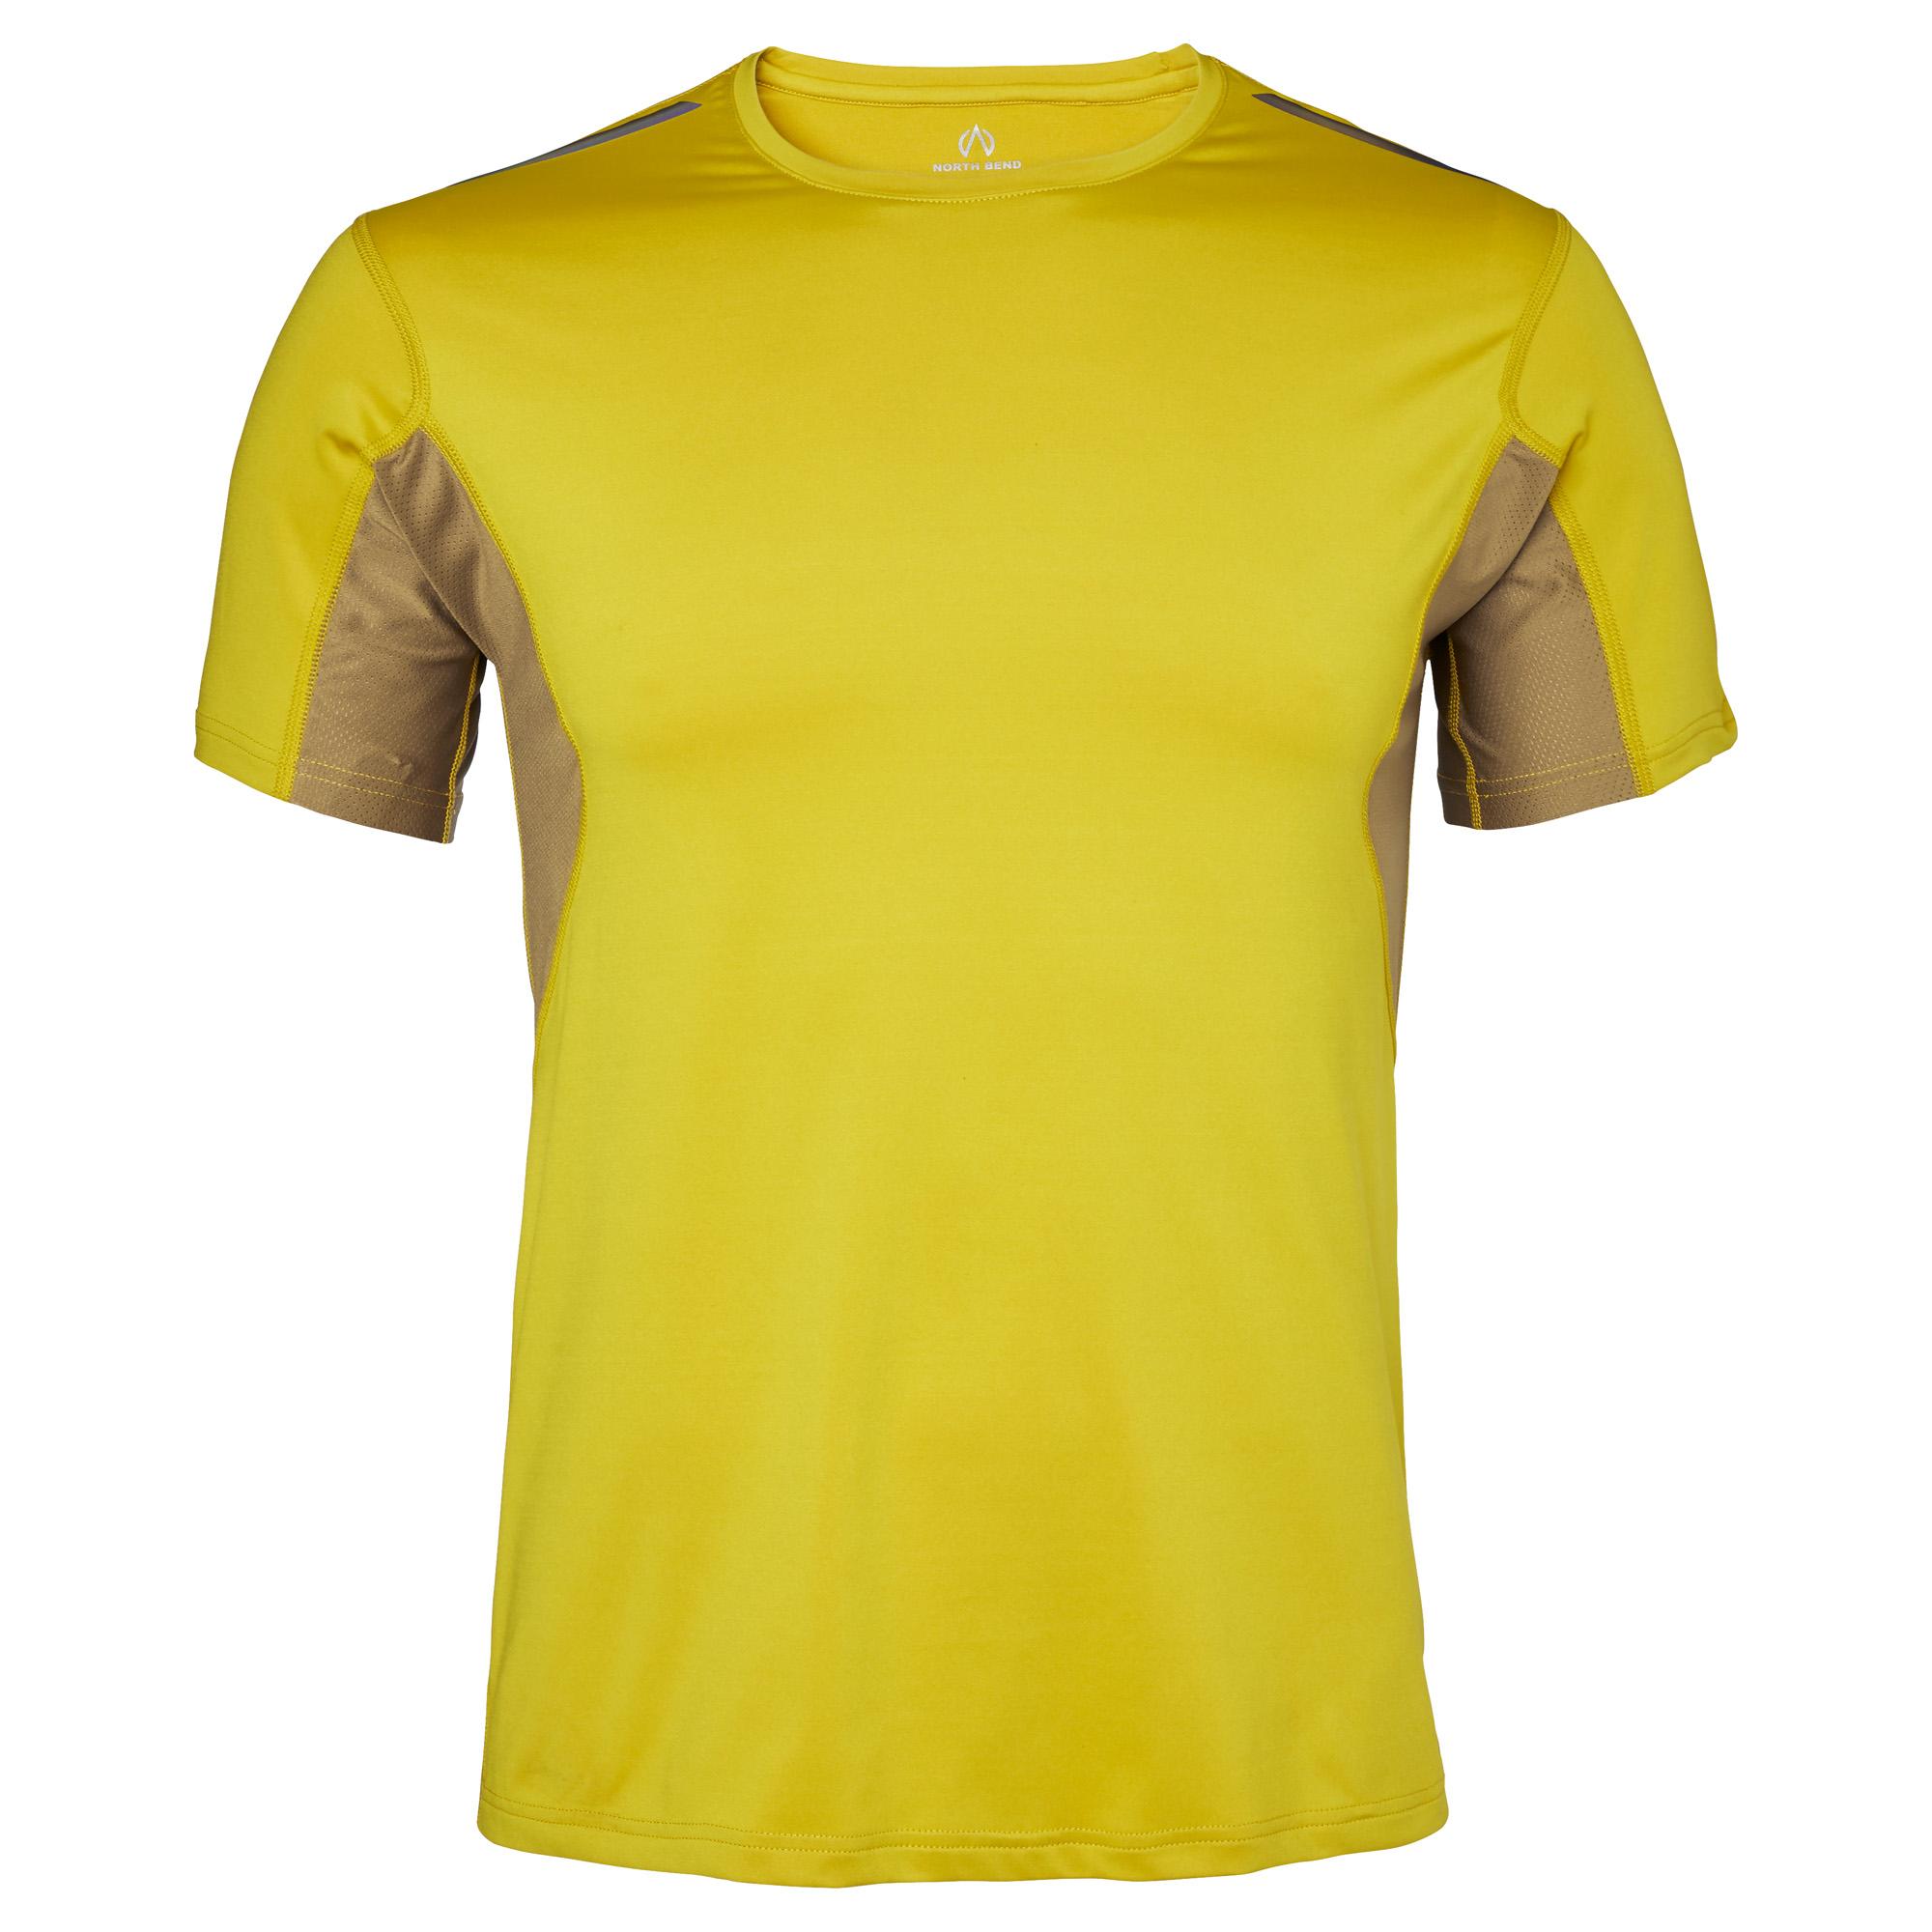 En gul tränings T-shirt från märket North Bend. Med tunnare tyg under armhålorna i senapsgul färg.